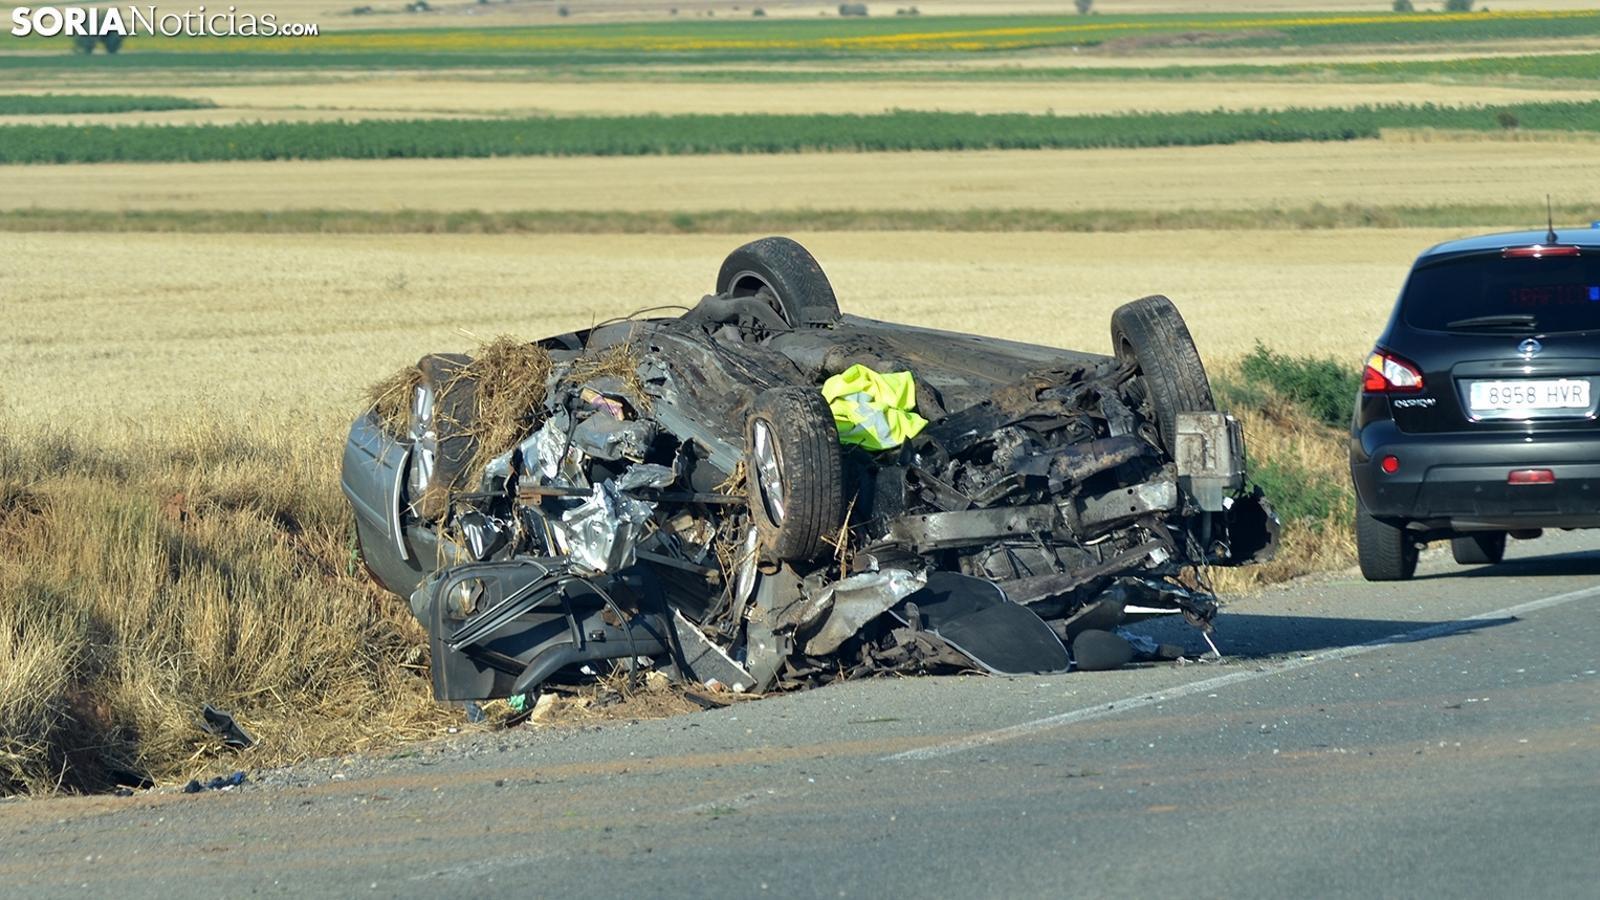 Estat en el que ha quedat el vehicle després de l'accident. / SORIA NOTICIAS